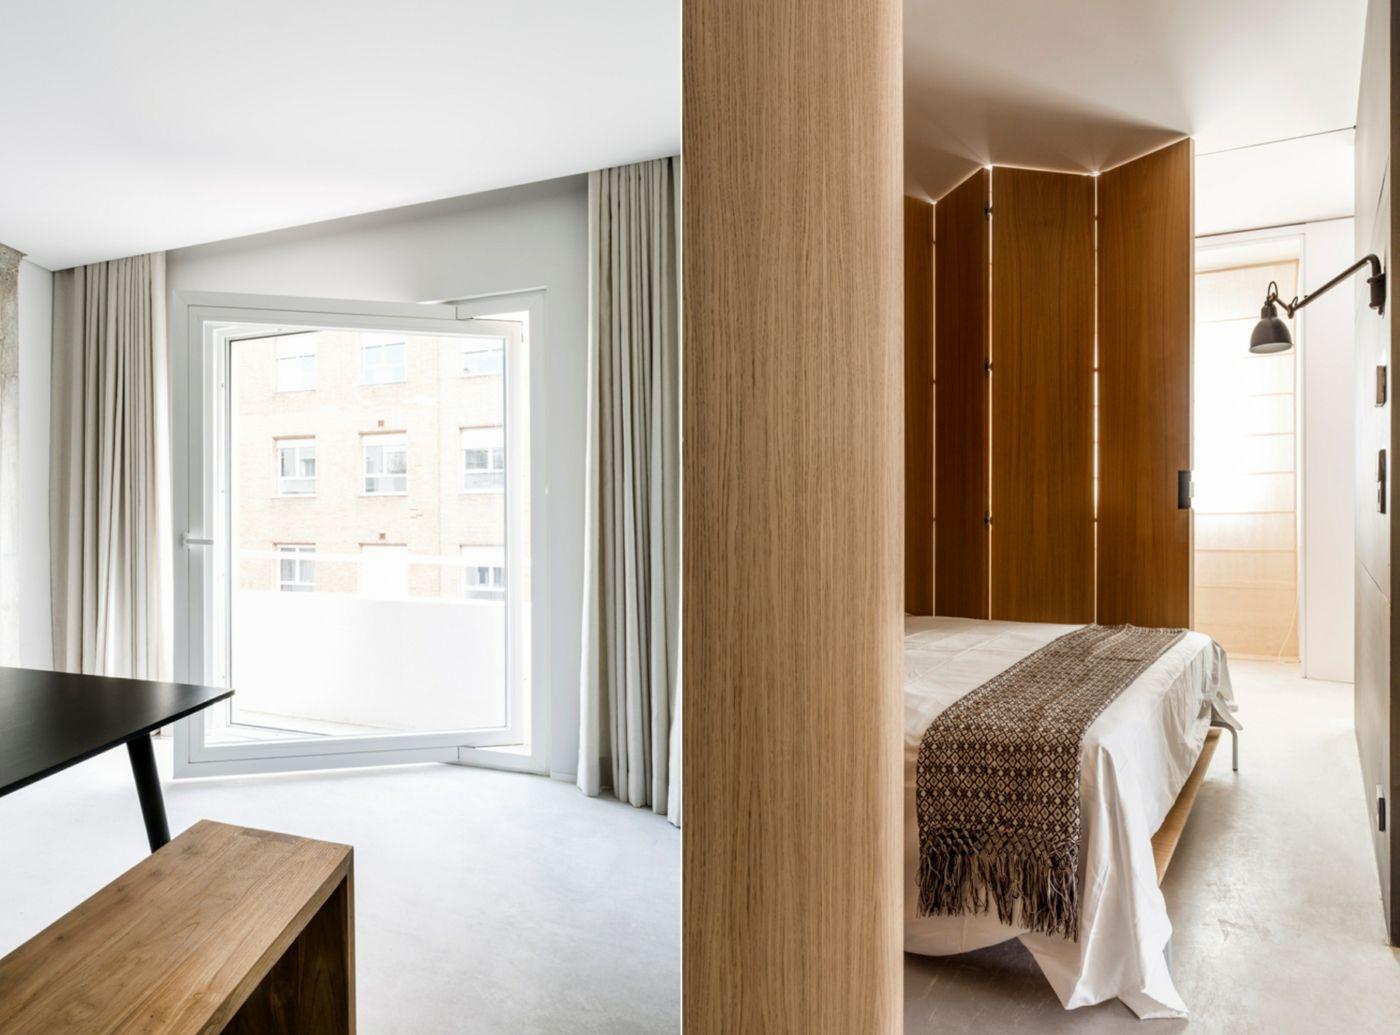 Holz Trennwand & Schiebetür aus Metall verwandeln offenes